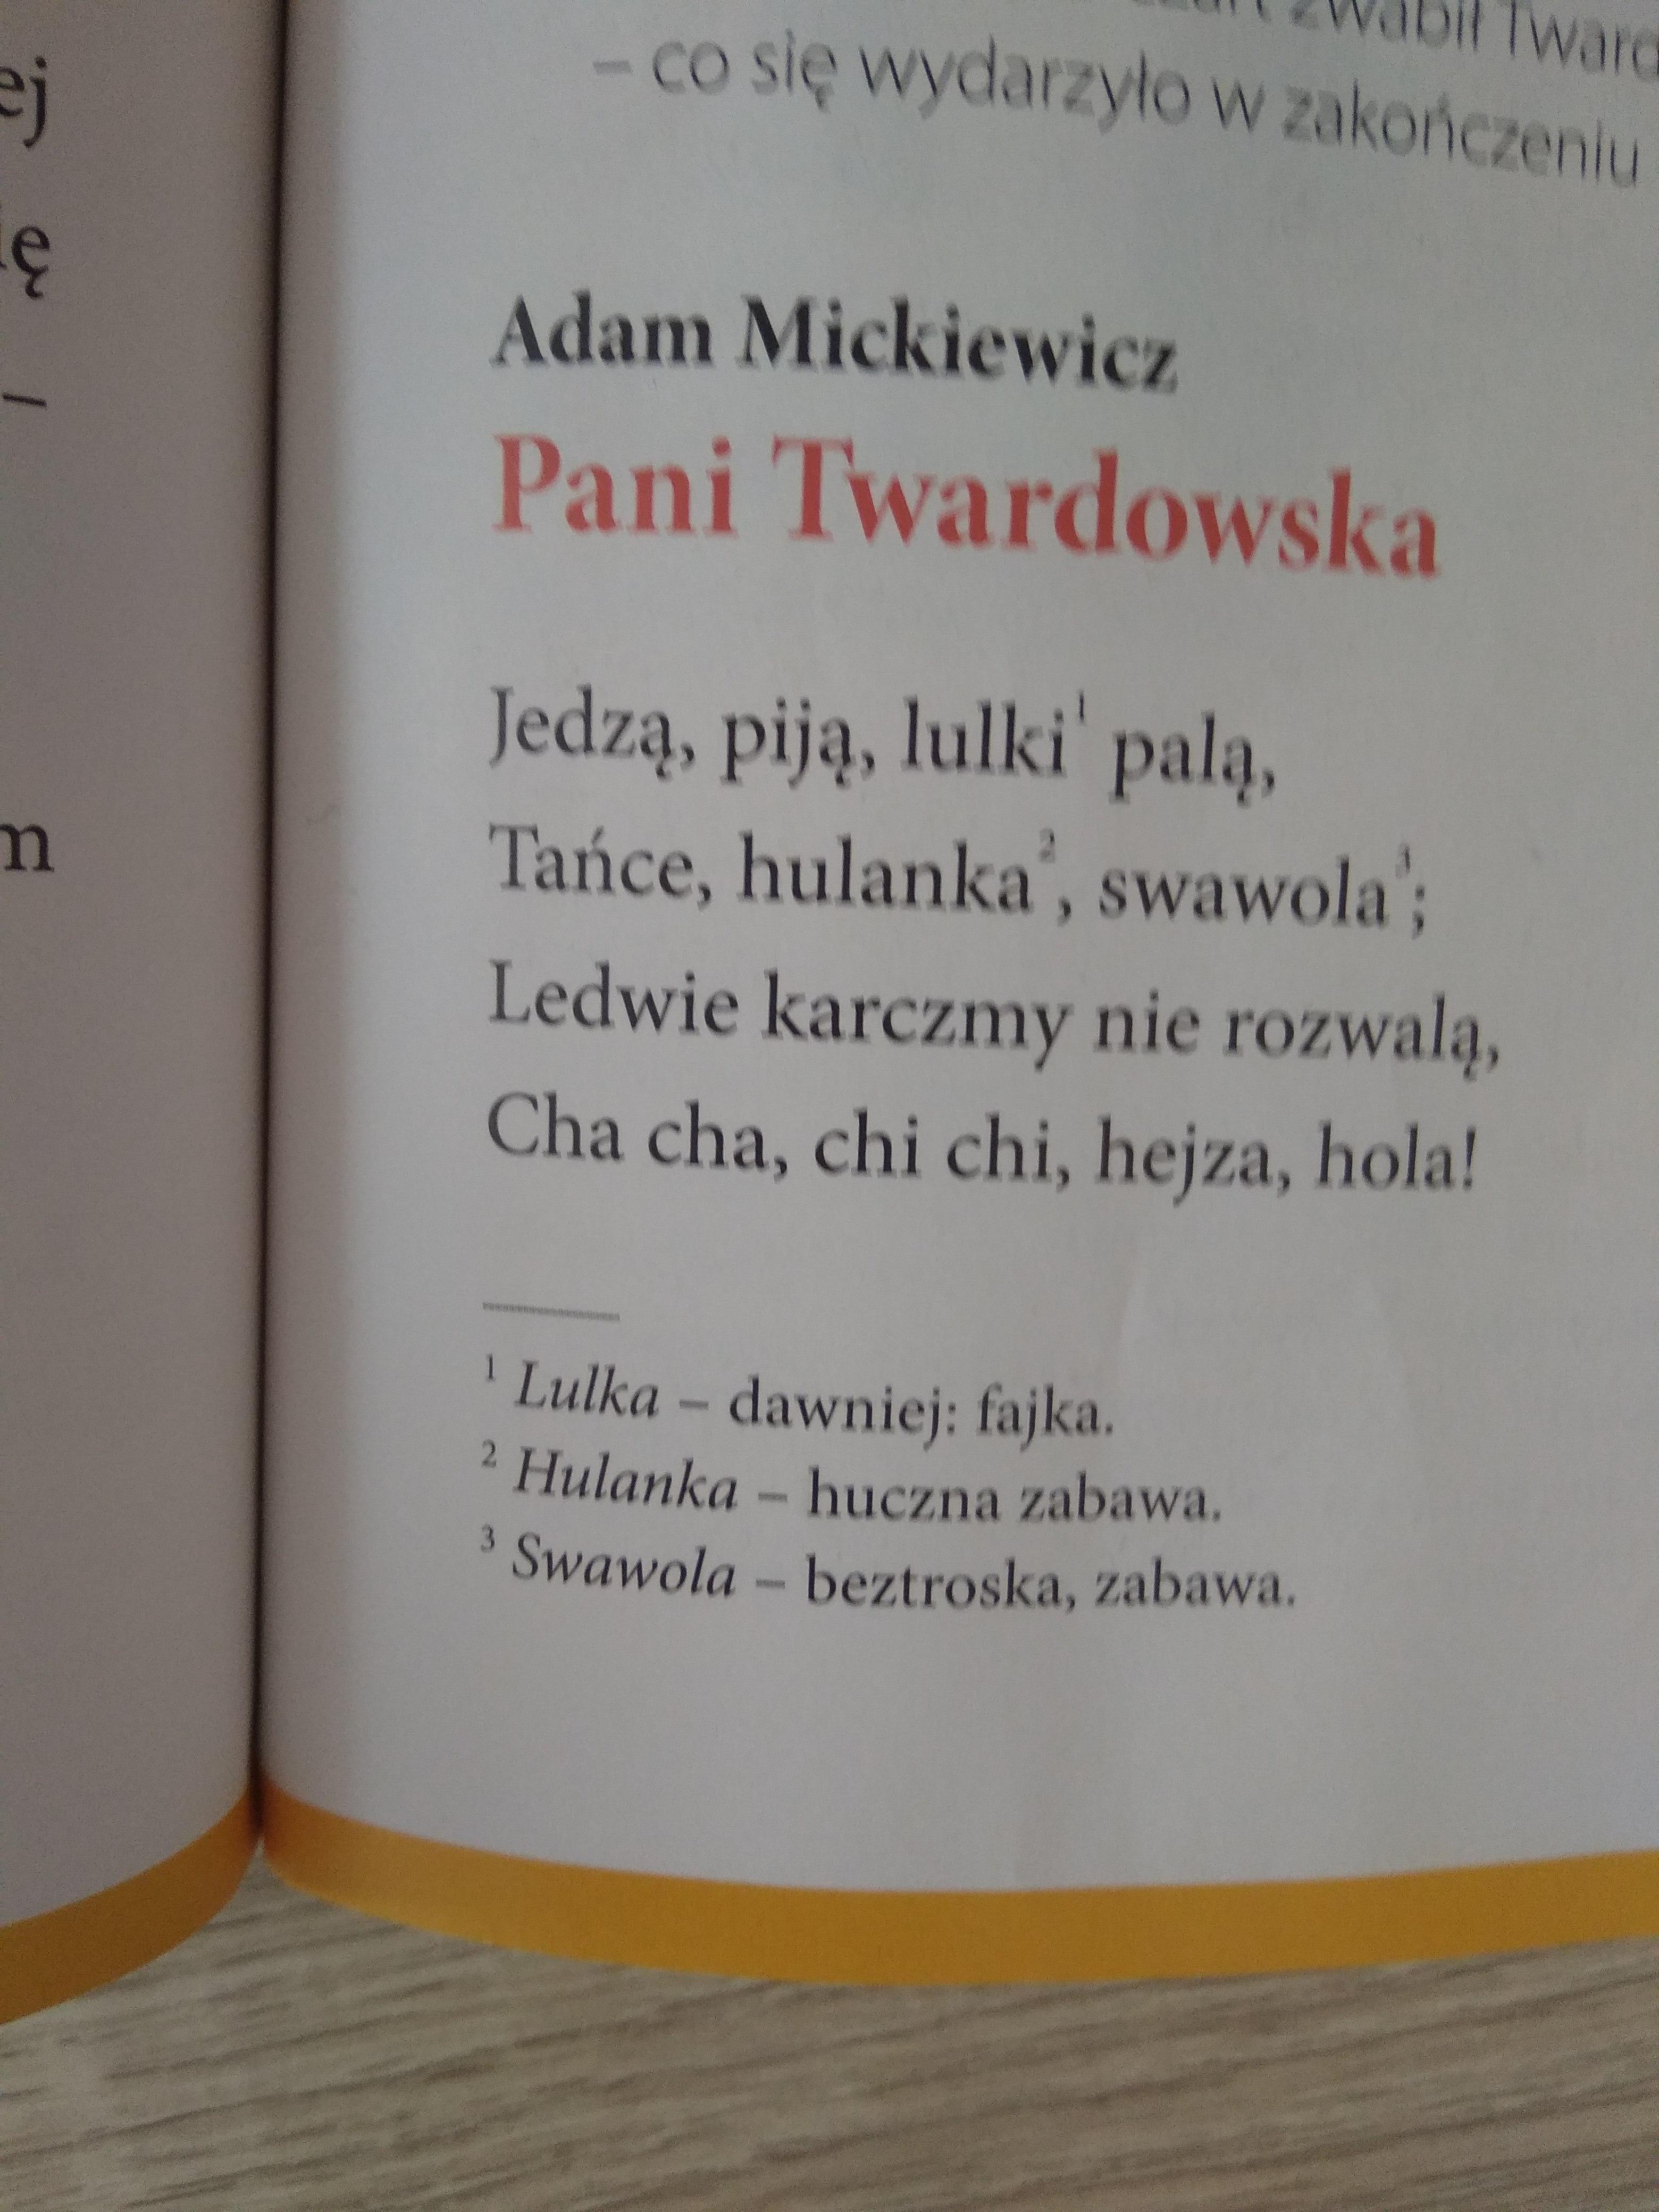 Jak Myślisz Dlaczego Utwór Adama Mickiewicza Nosi Tytuł